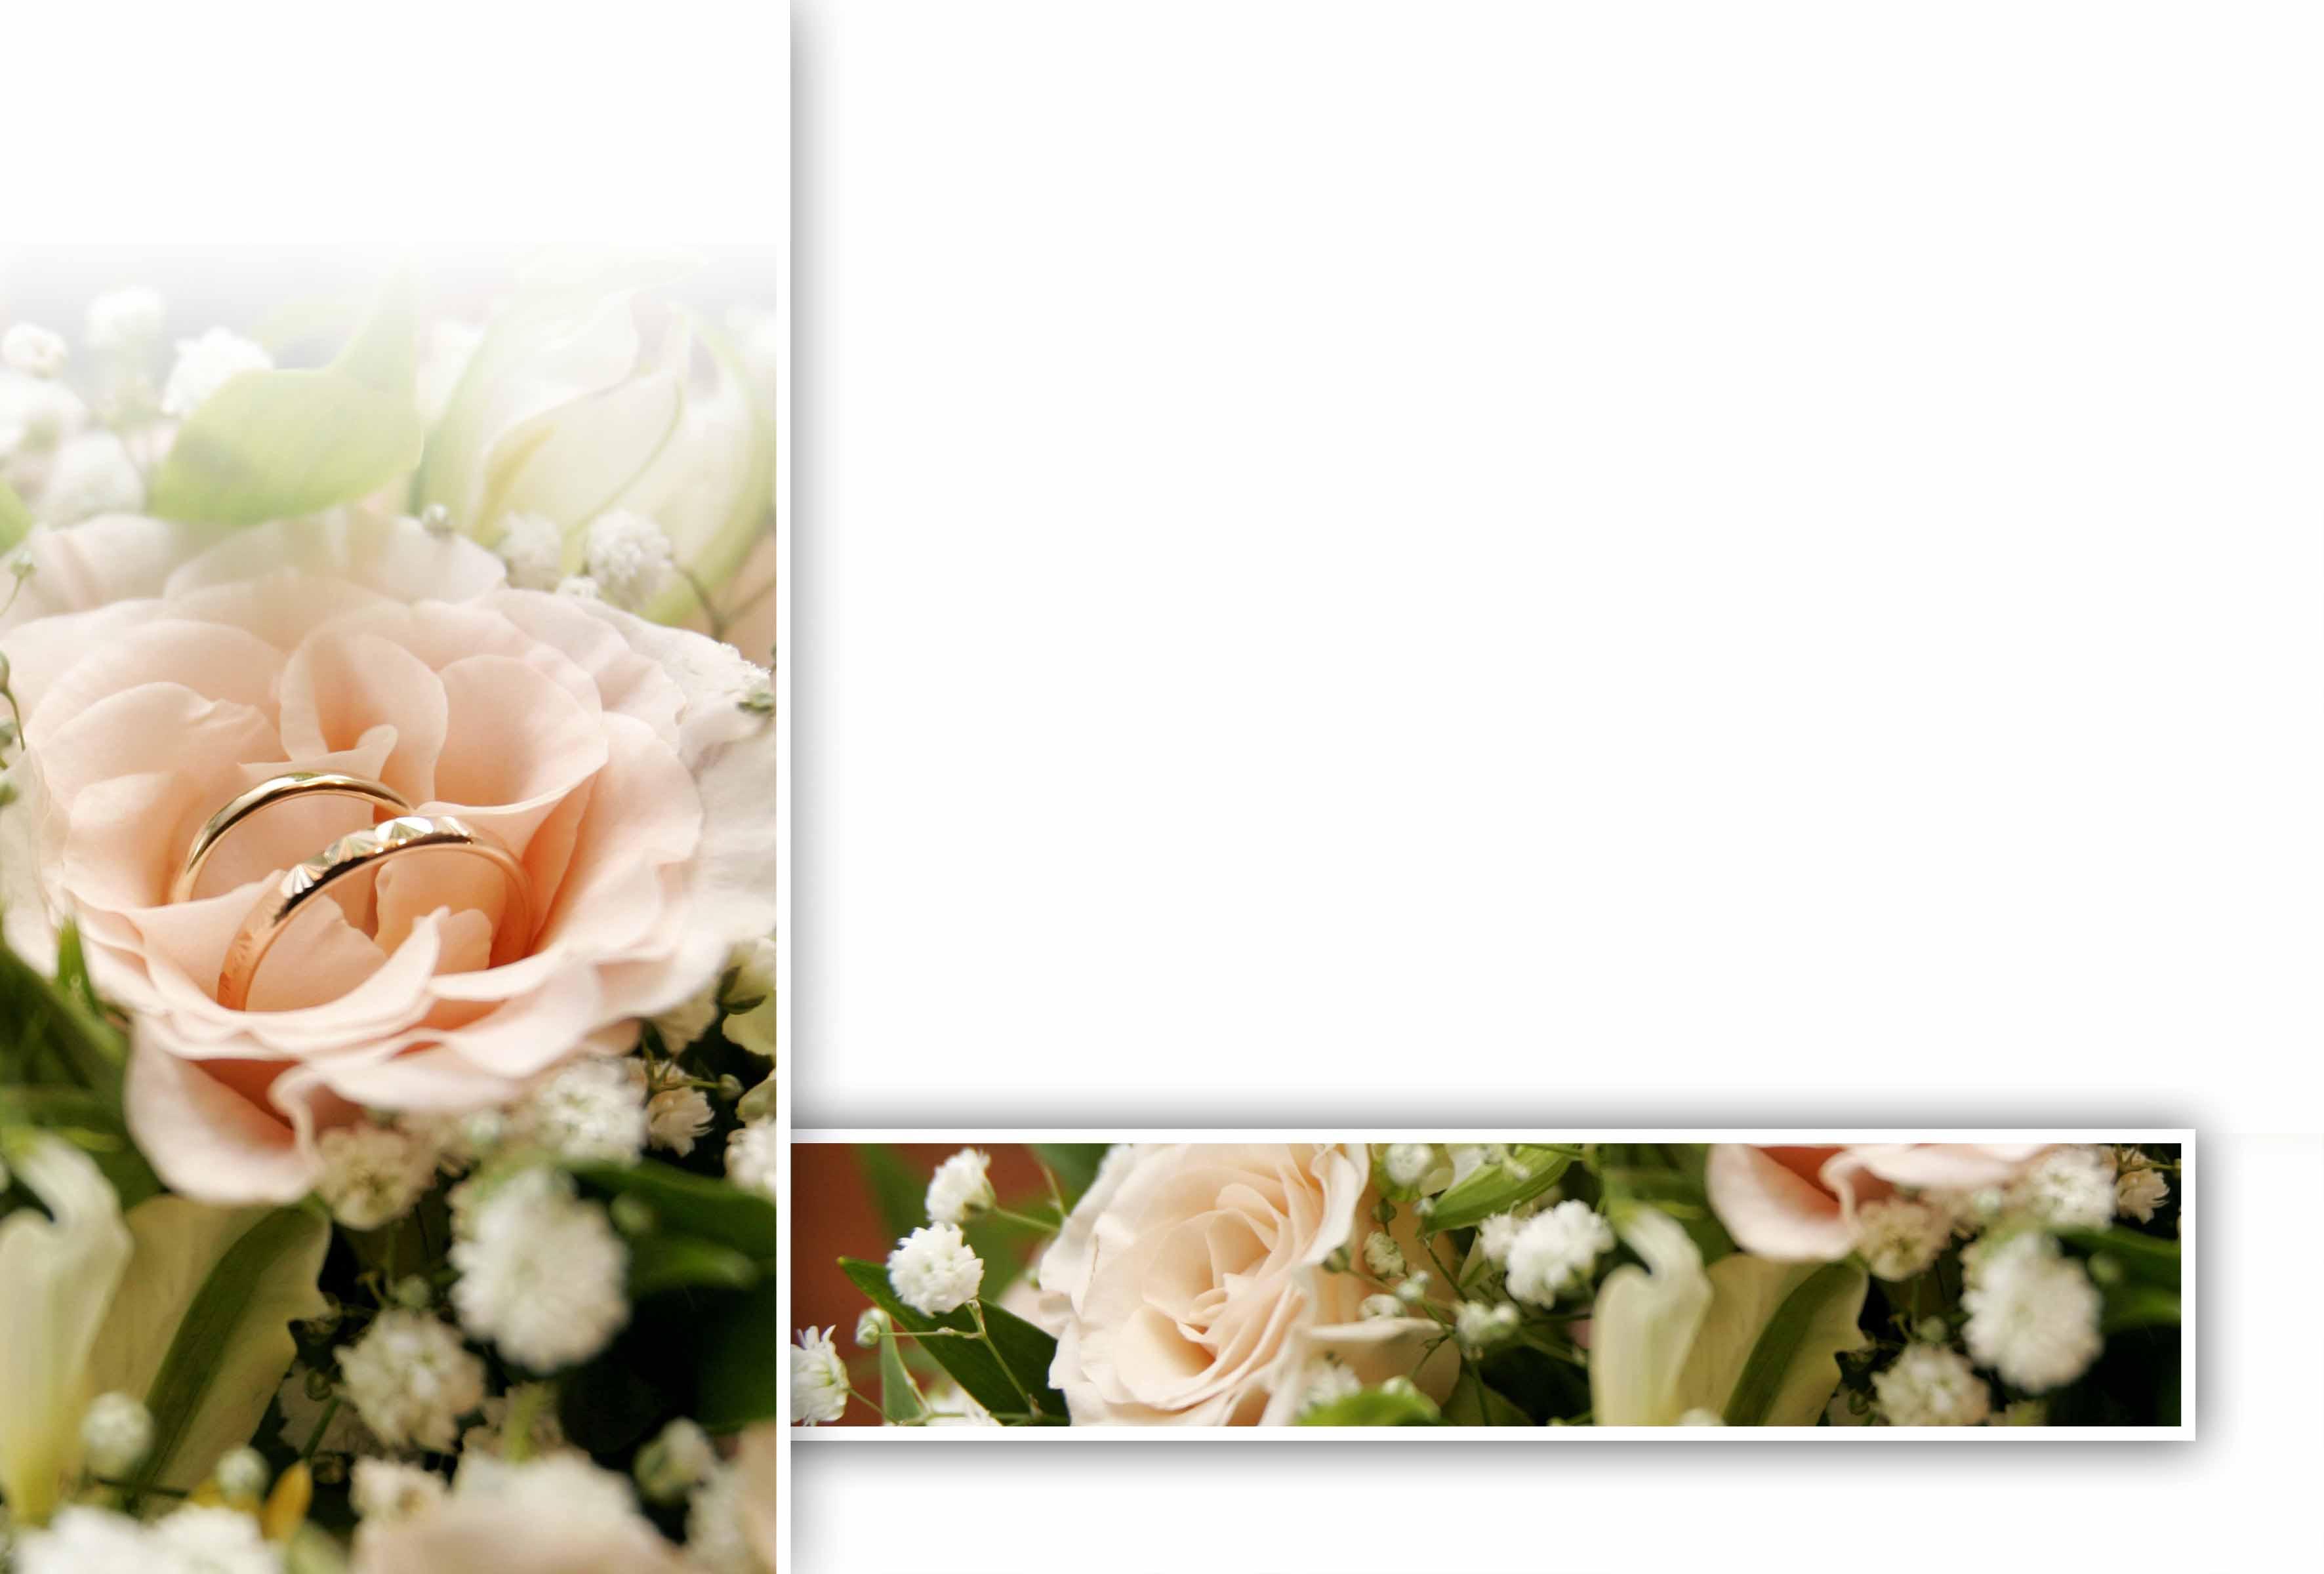 wedding frame png image 35181